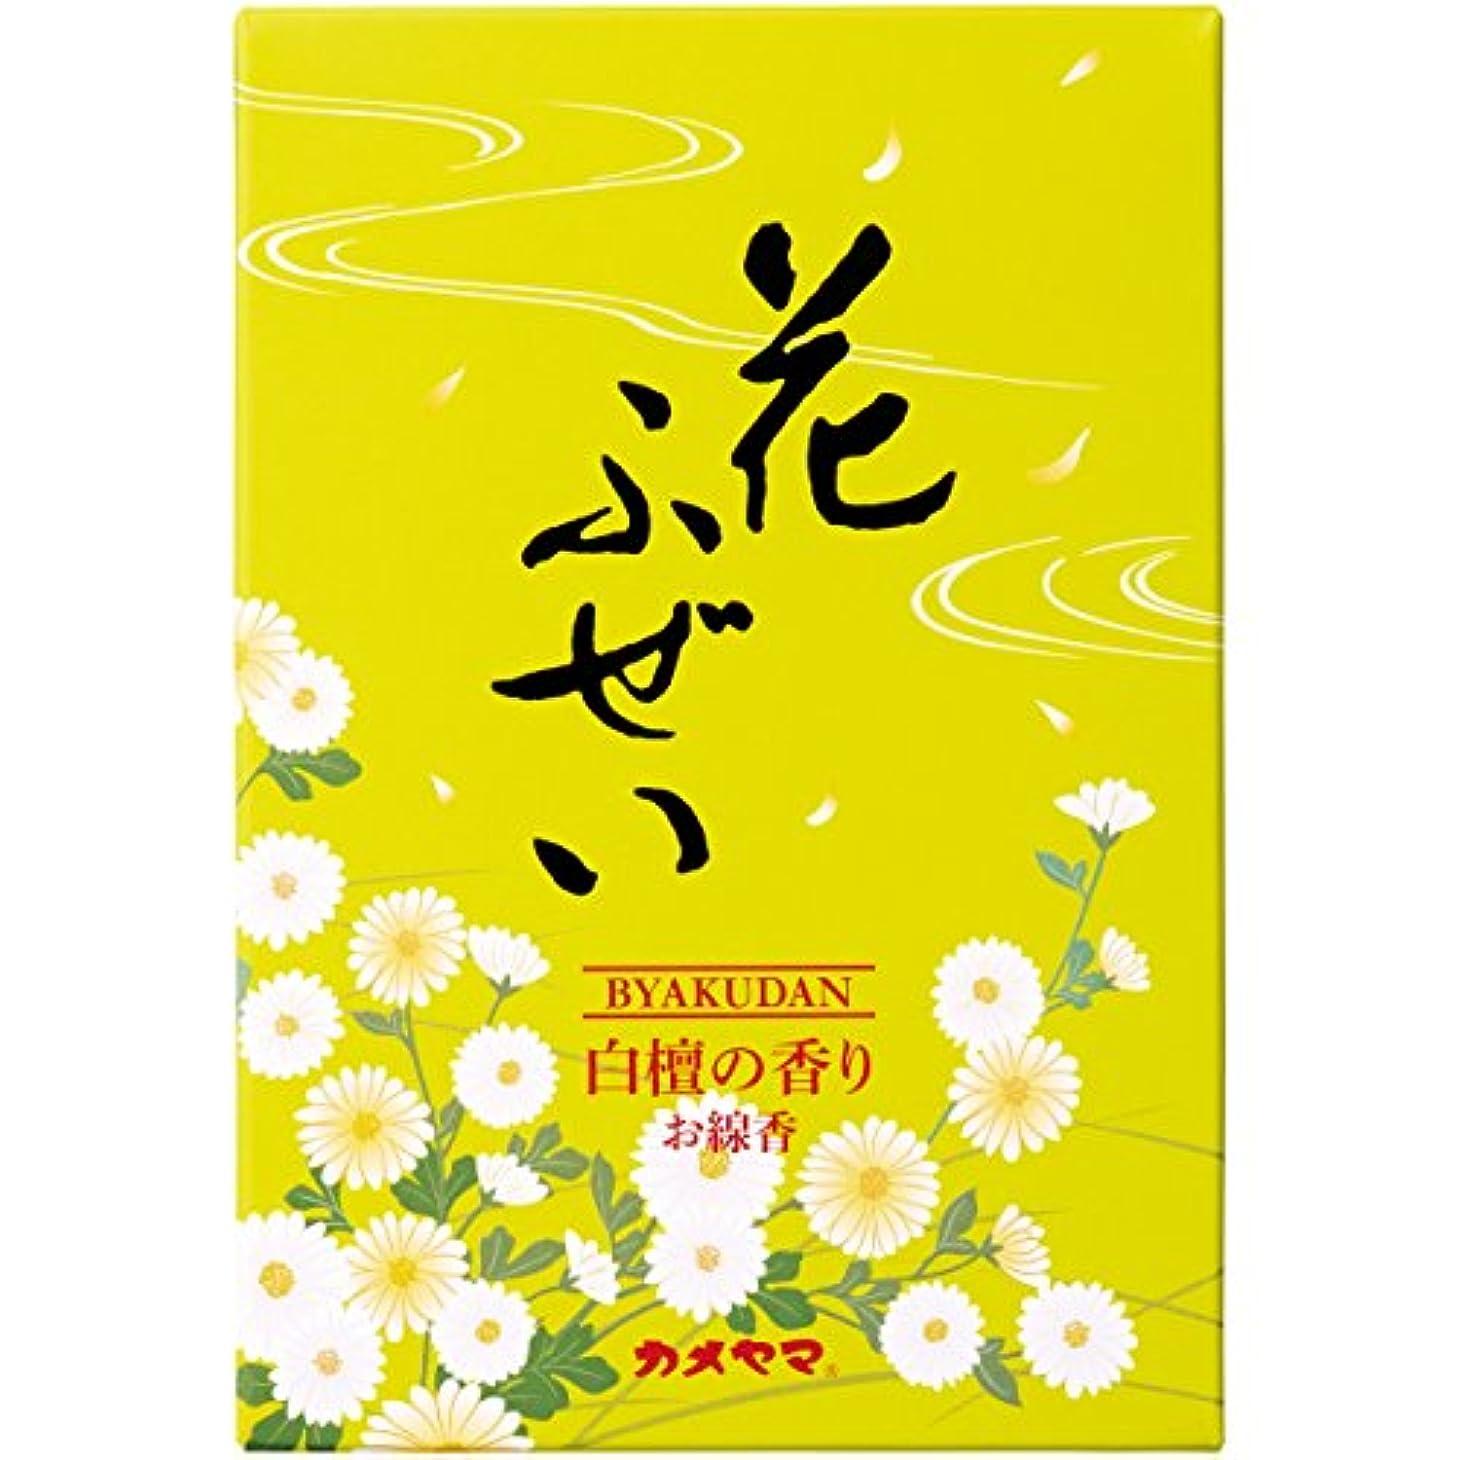 ギャンブルノイズ誓いカメヤマ 花ふぜい(黄)白檀 徳用大型